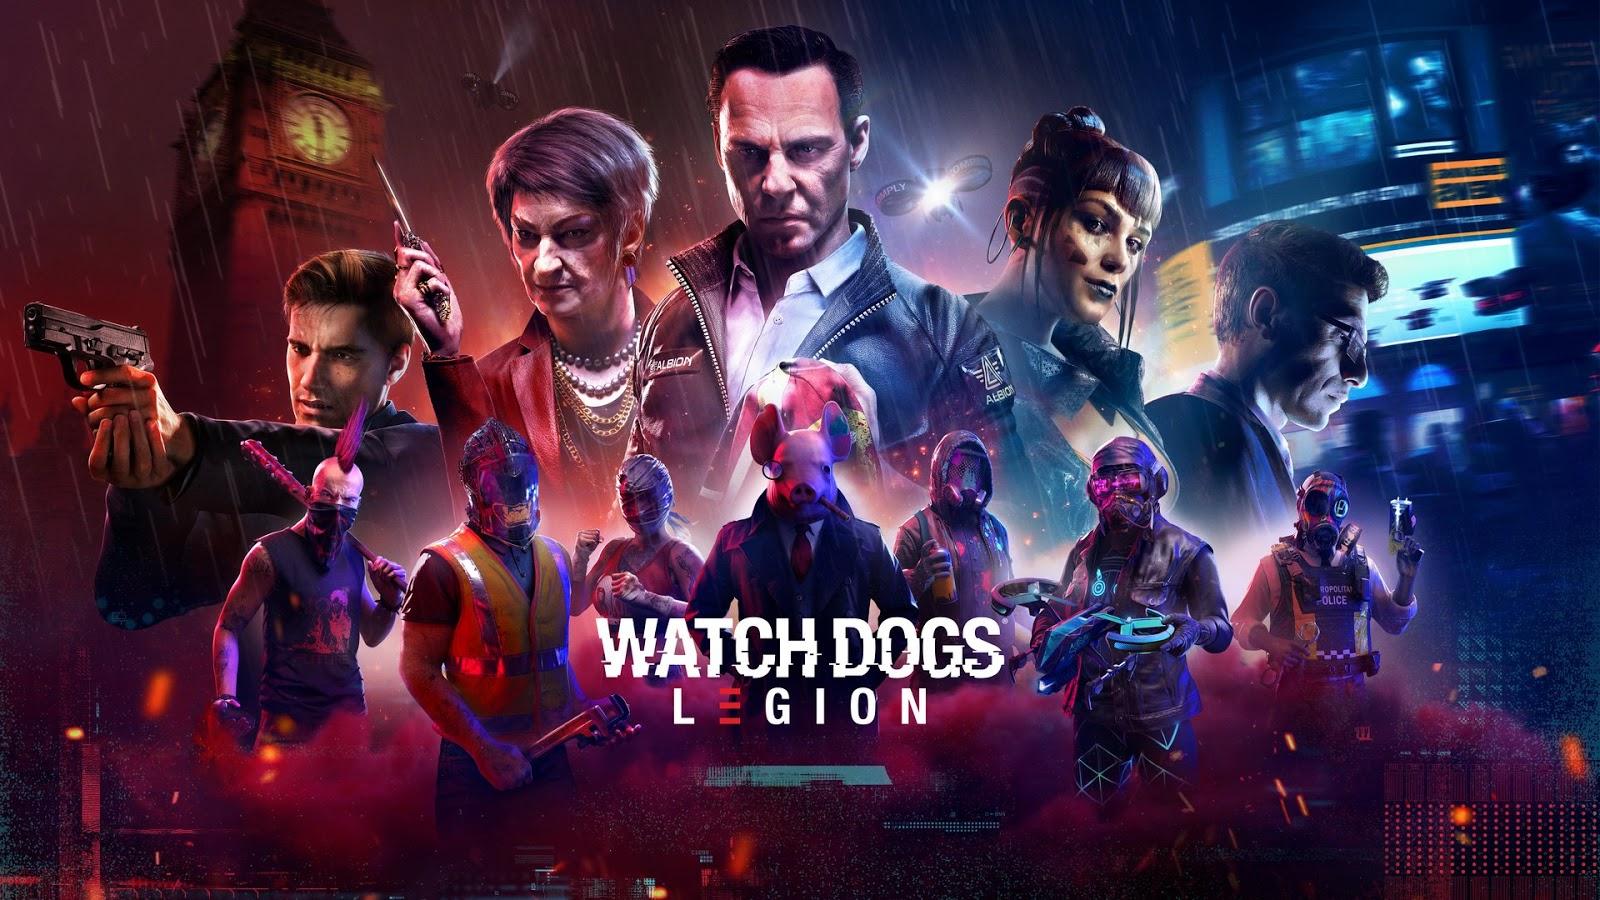 المراجعة الكاملة للعبة واتش دوغز ليجن Watch Dogs Legion